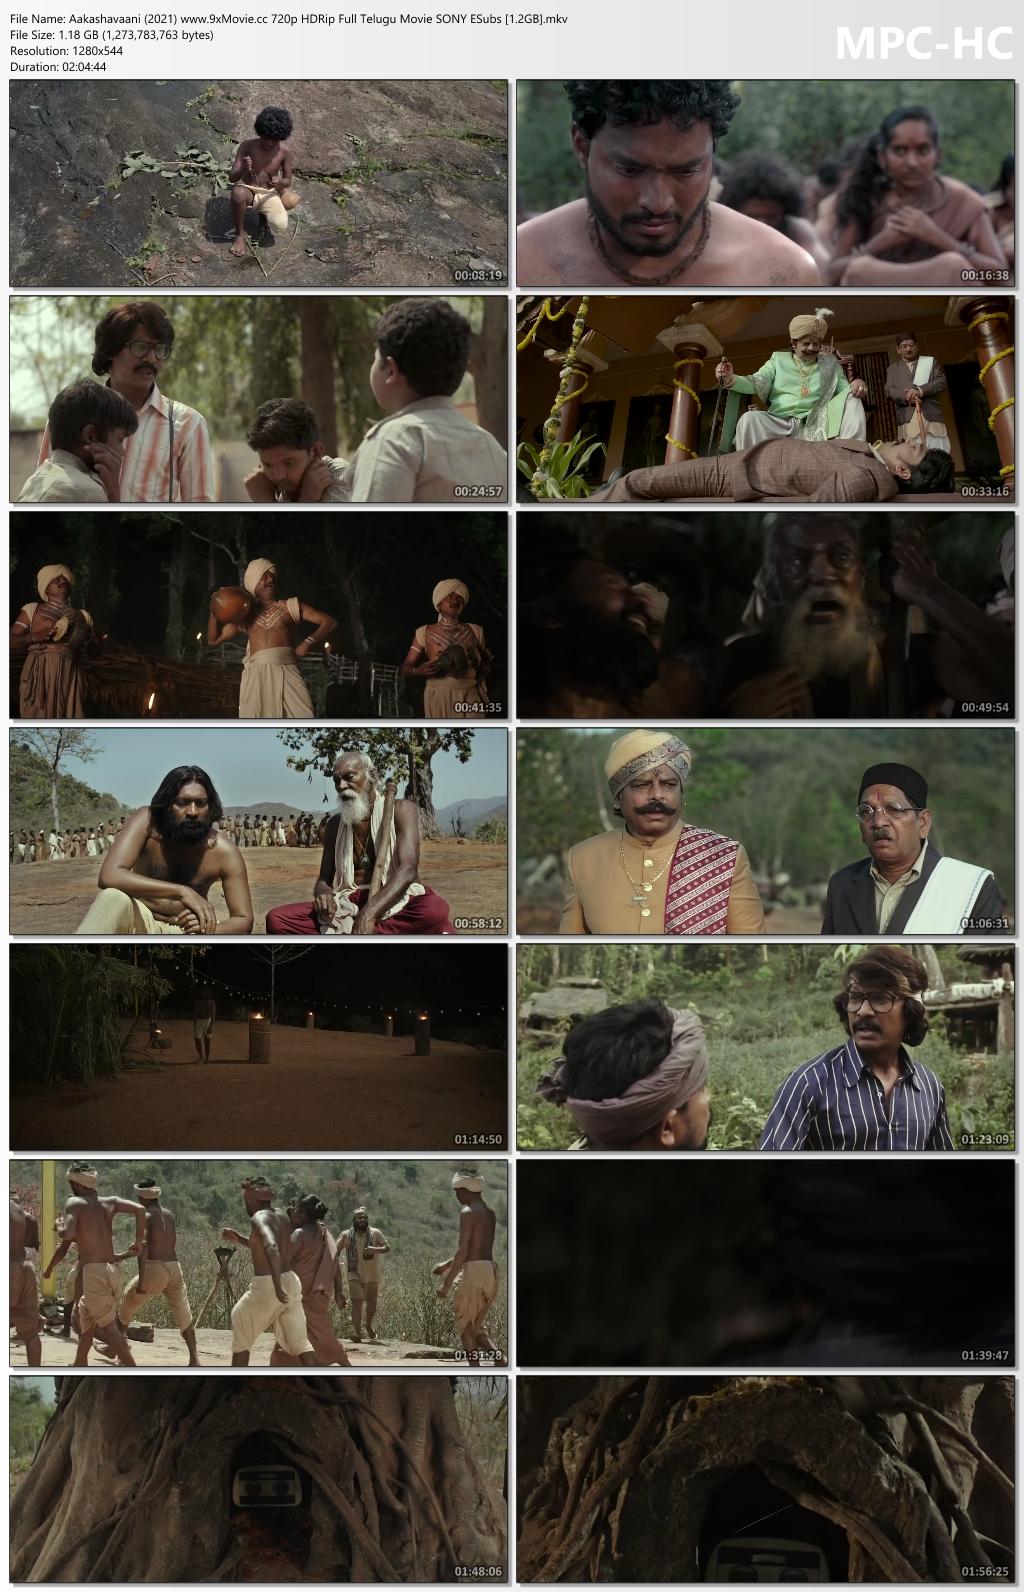 Aakashavaani-2021-www-9x-Movie-cc-720p-HDRip-Full-Telugu-Movie-SONY-ESubs-1-2-GB-mkv